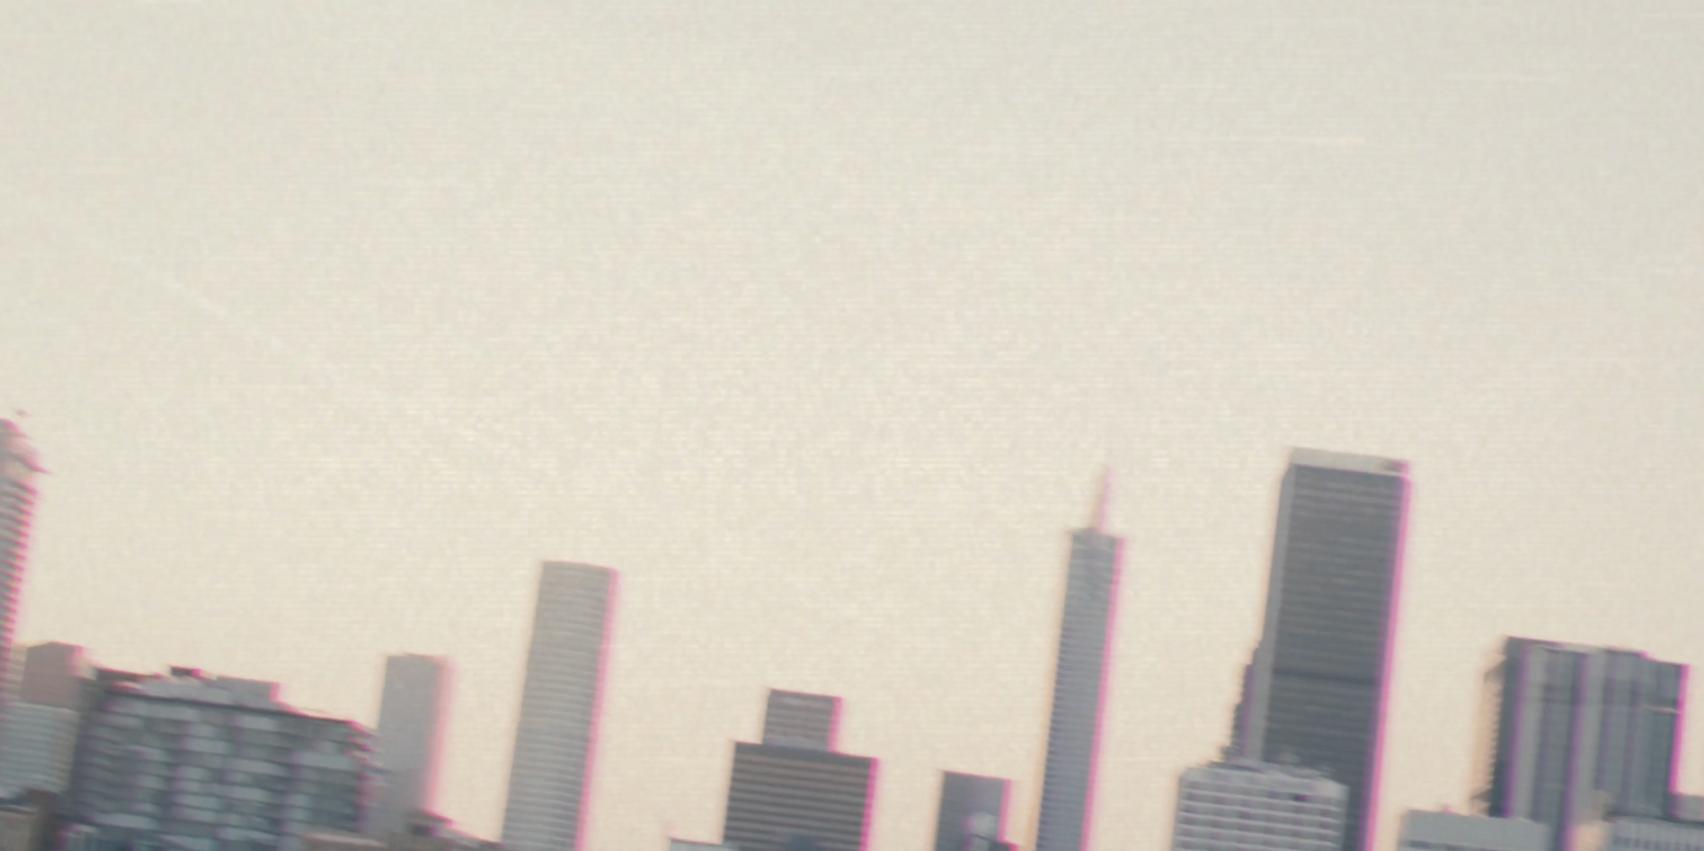 Screen Shot 2021-01-03 at 1.43.00 PM.png